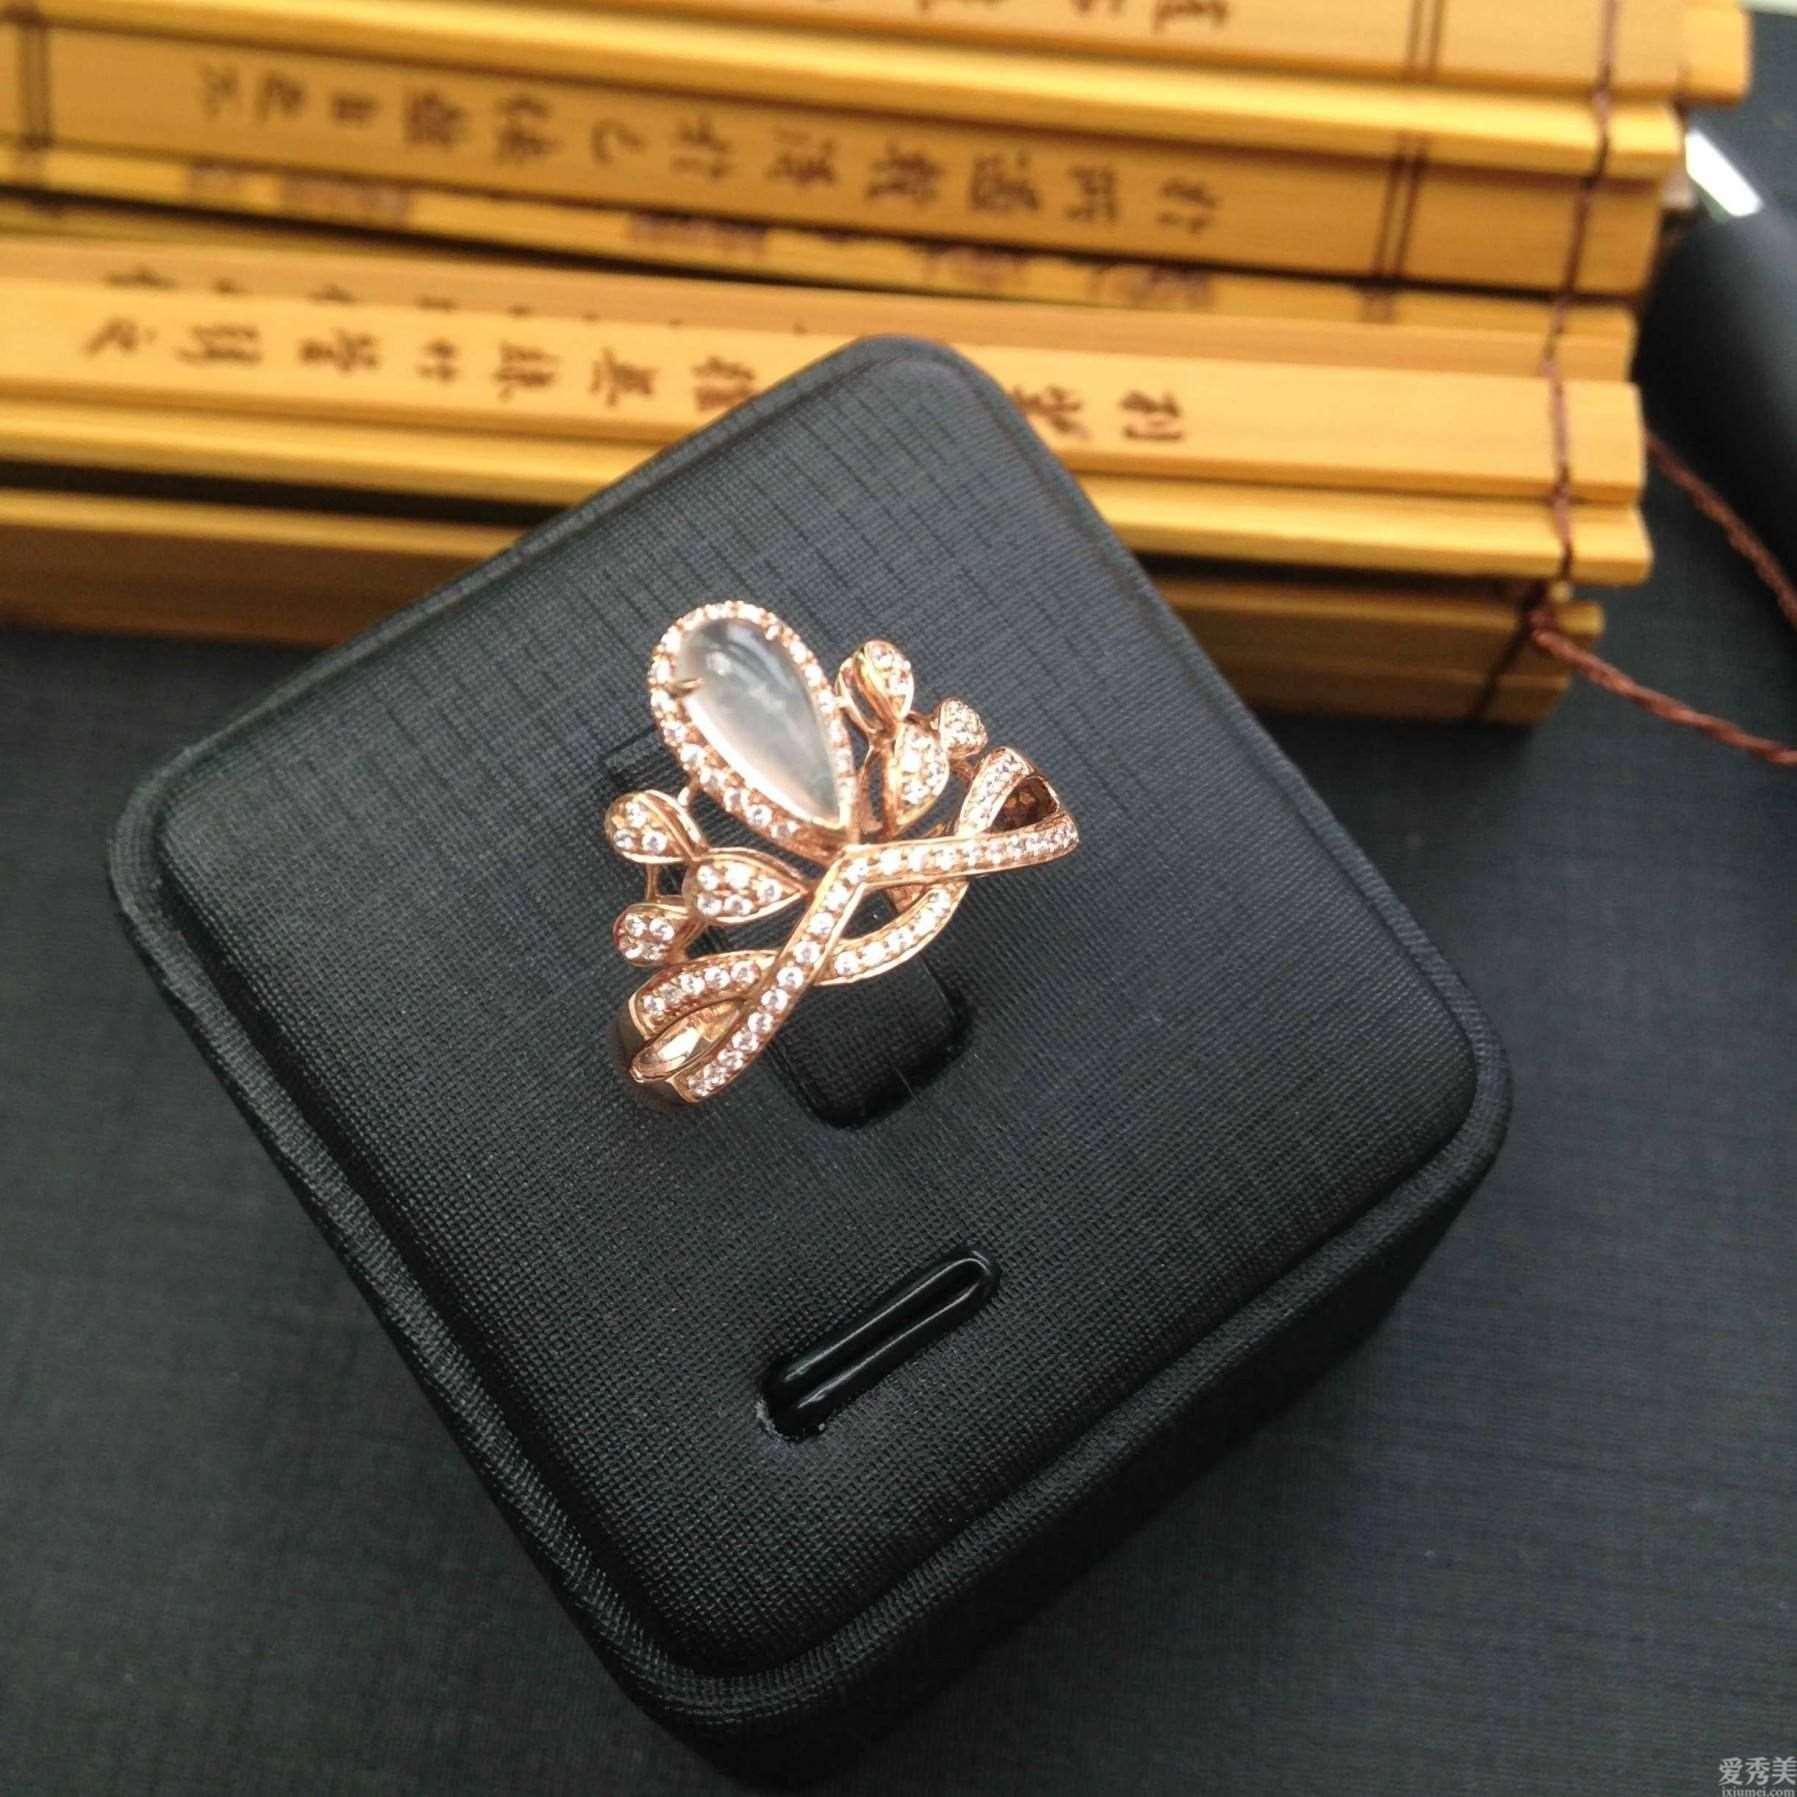 不一样类型的珠宝,他们的特性不一样,愿你寻找最合适你的那一款饰品